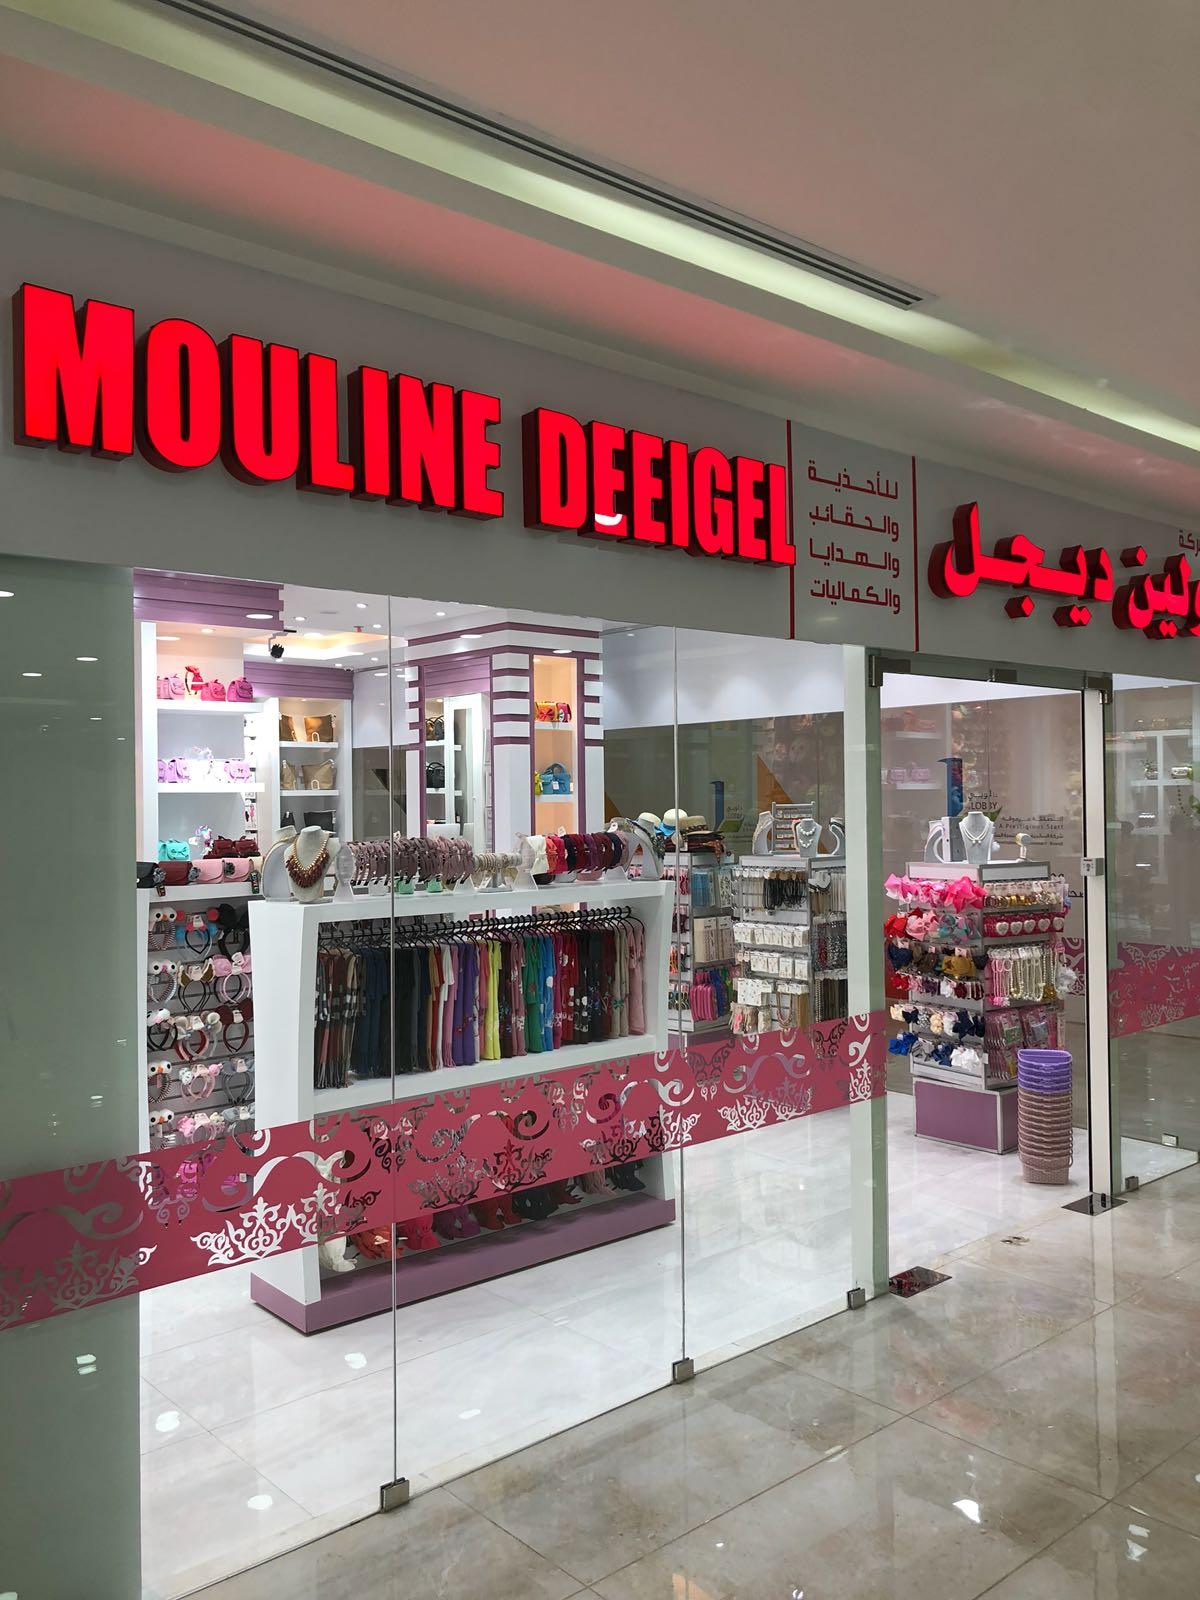 Mouline Deeigel